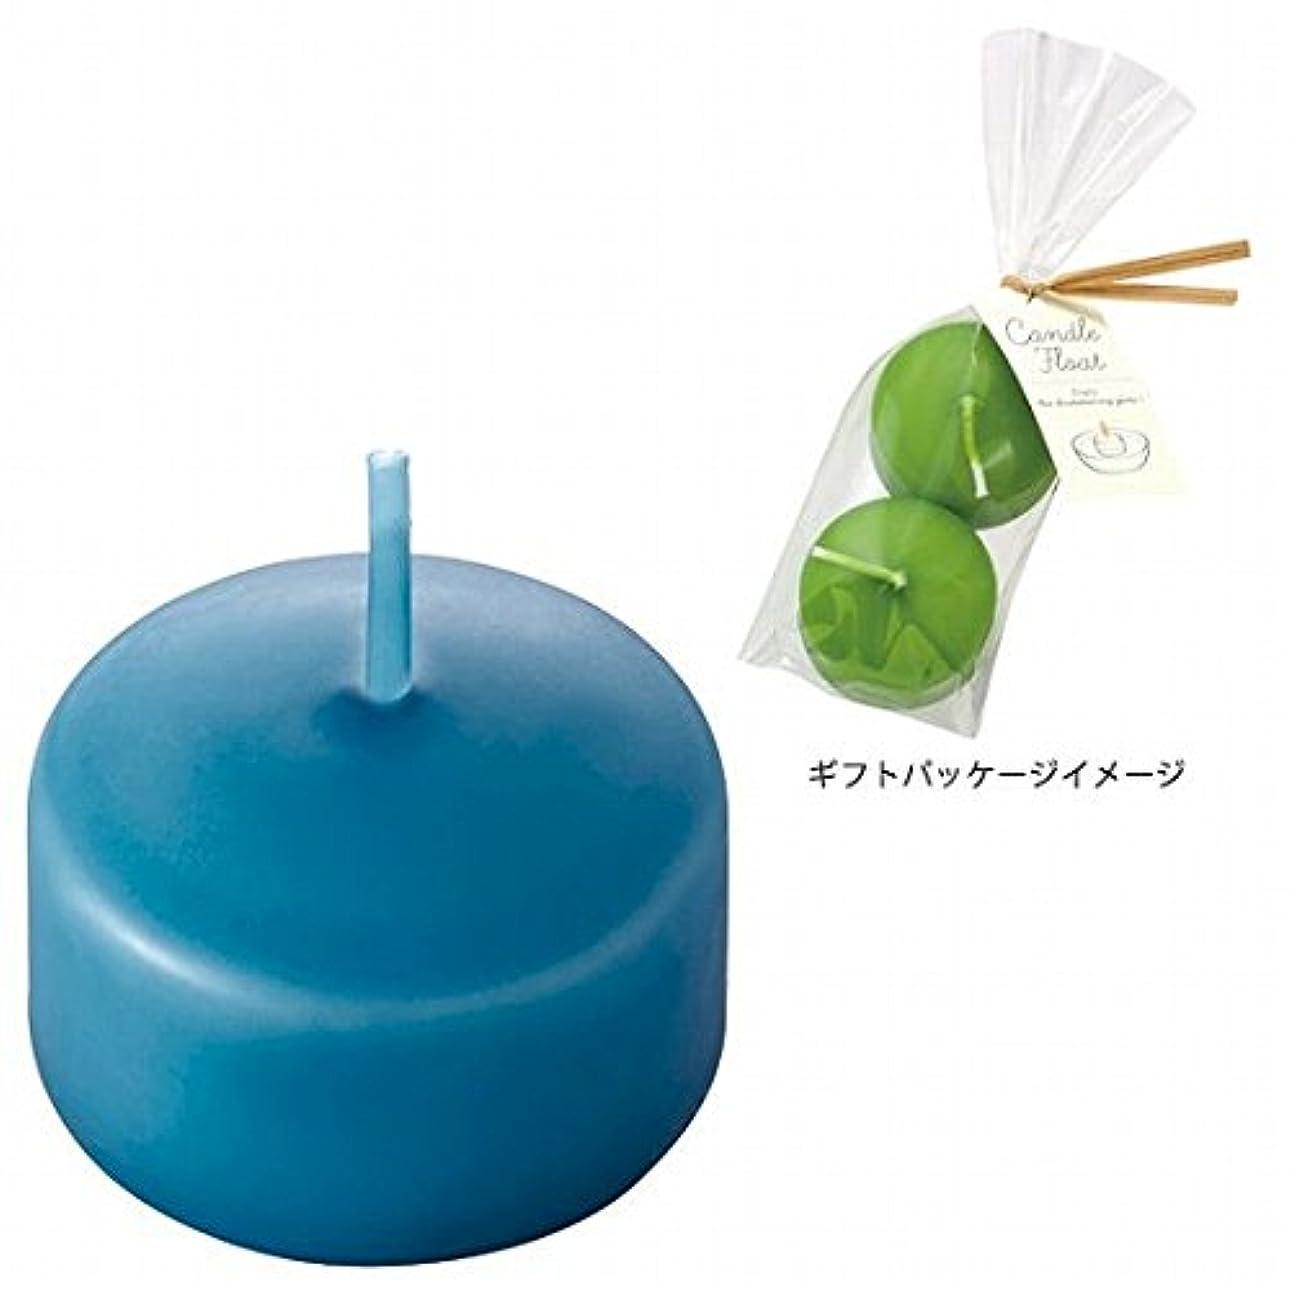 カメヤマキャンドル(kameyama candle) ハッピープール(2個入り) キャンドル 「コバルトブルー」